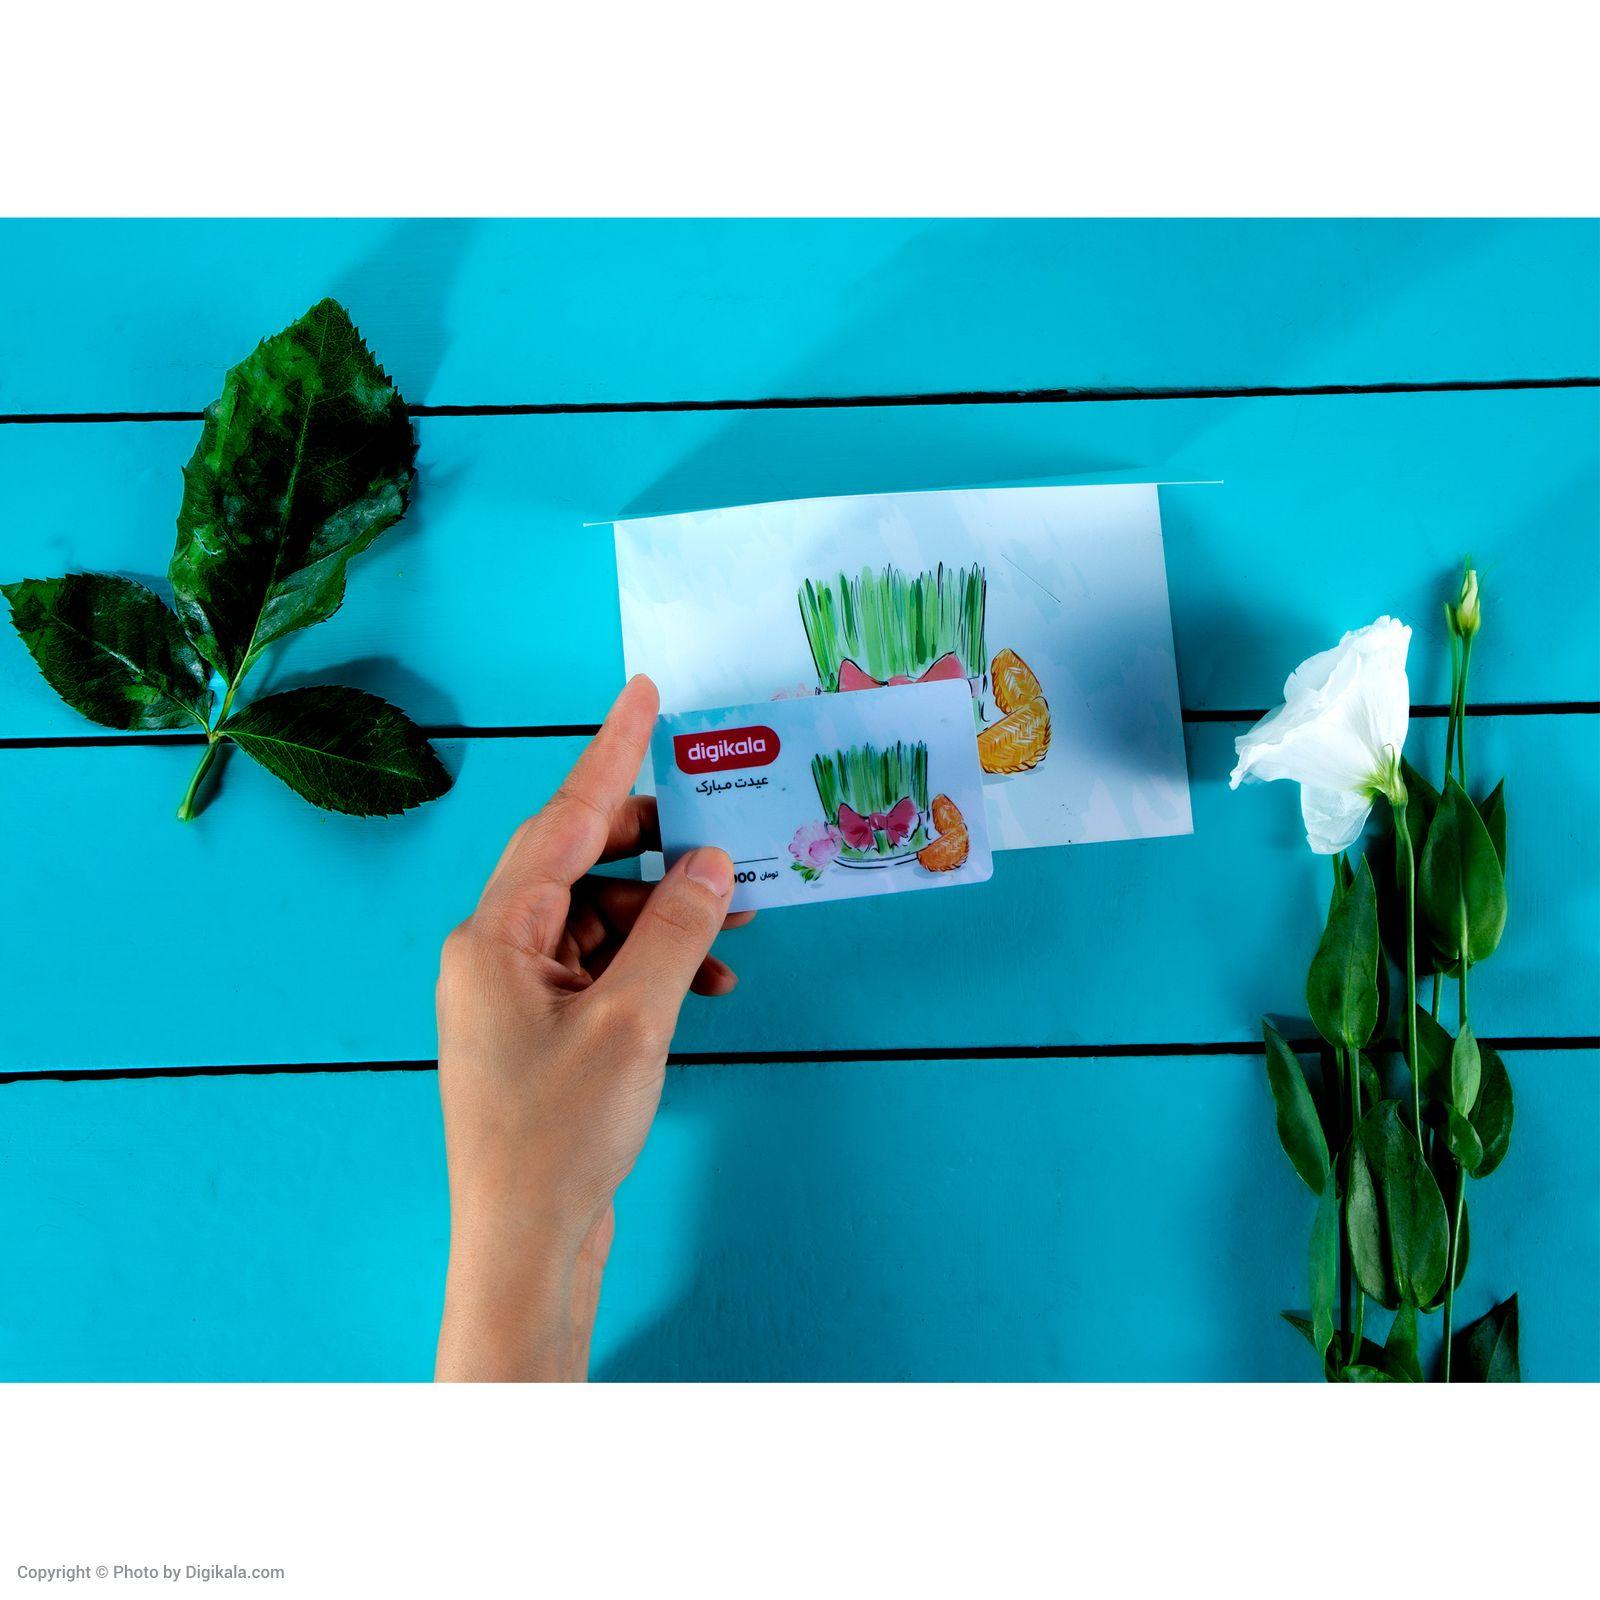 کارت هدیه دیجی کالا به ارزش 20,000 تومان طرح سبزه main 1 4